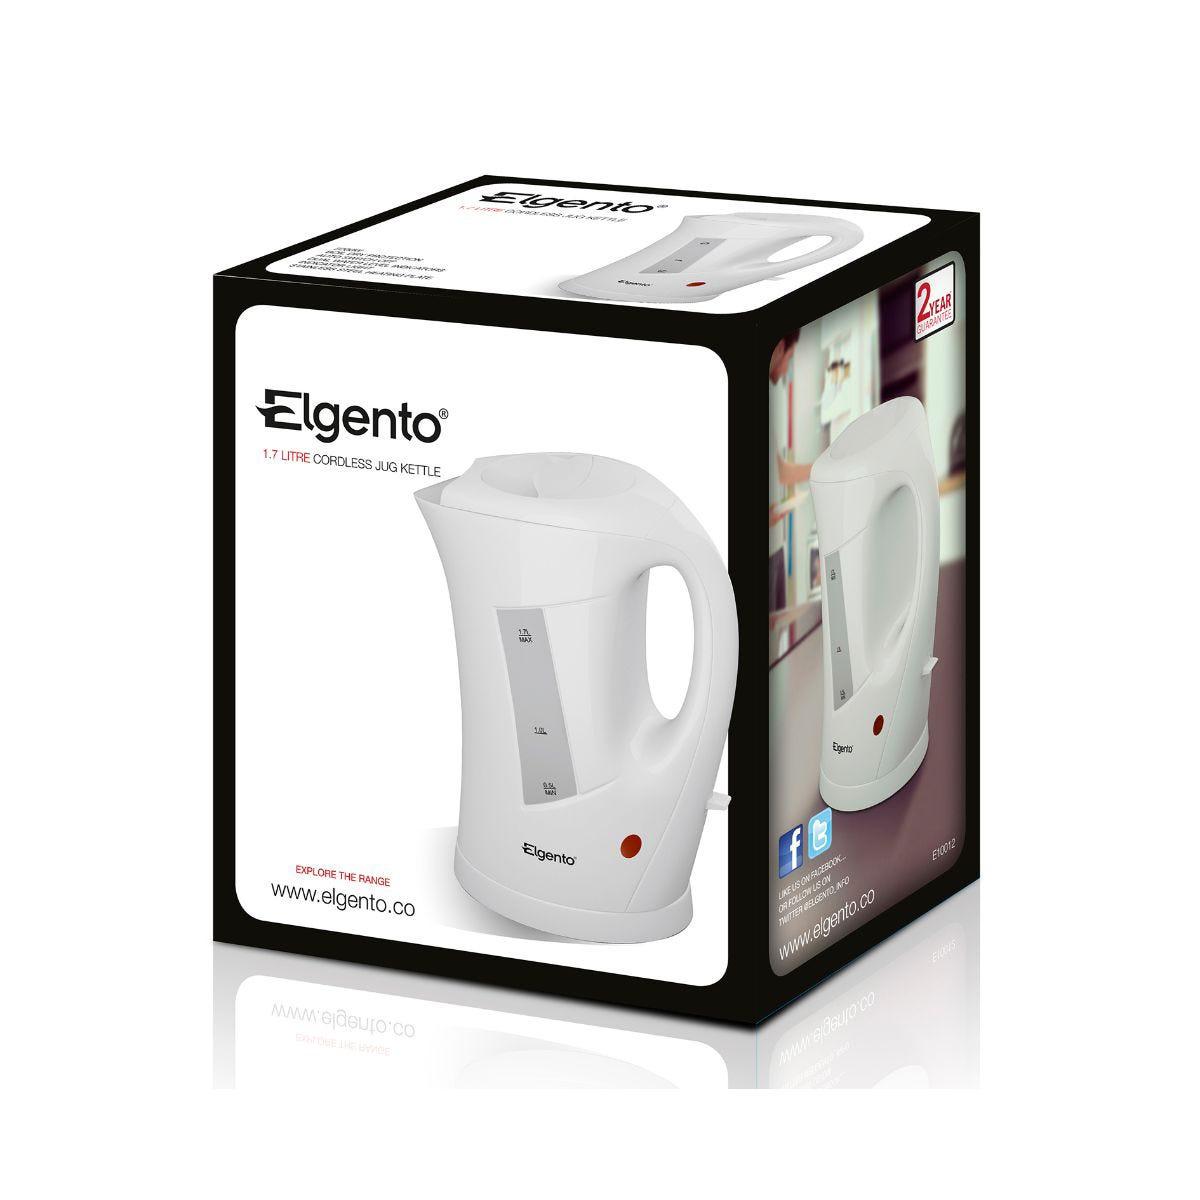 Image of Elgento 1.7 Litre Kettle, White